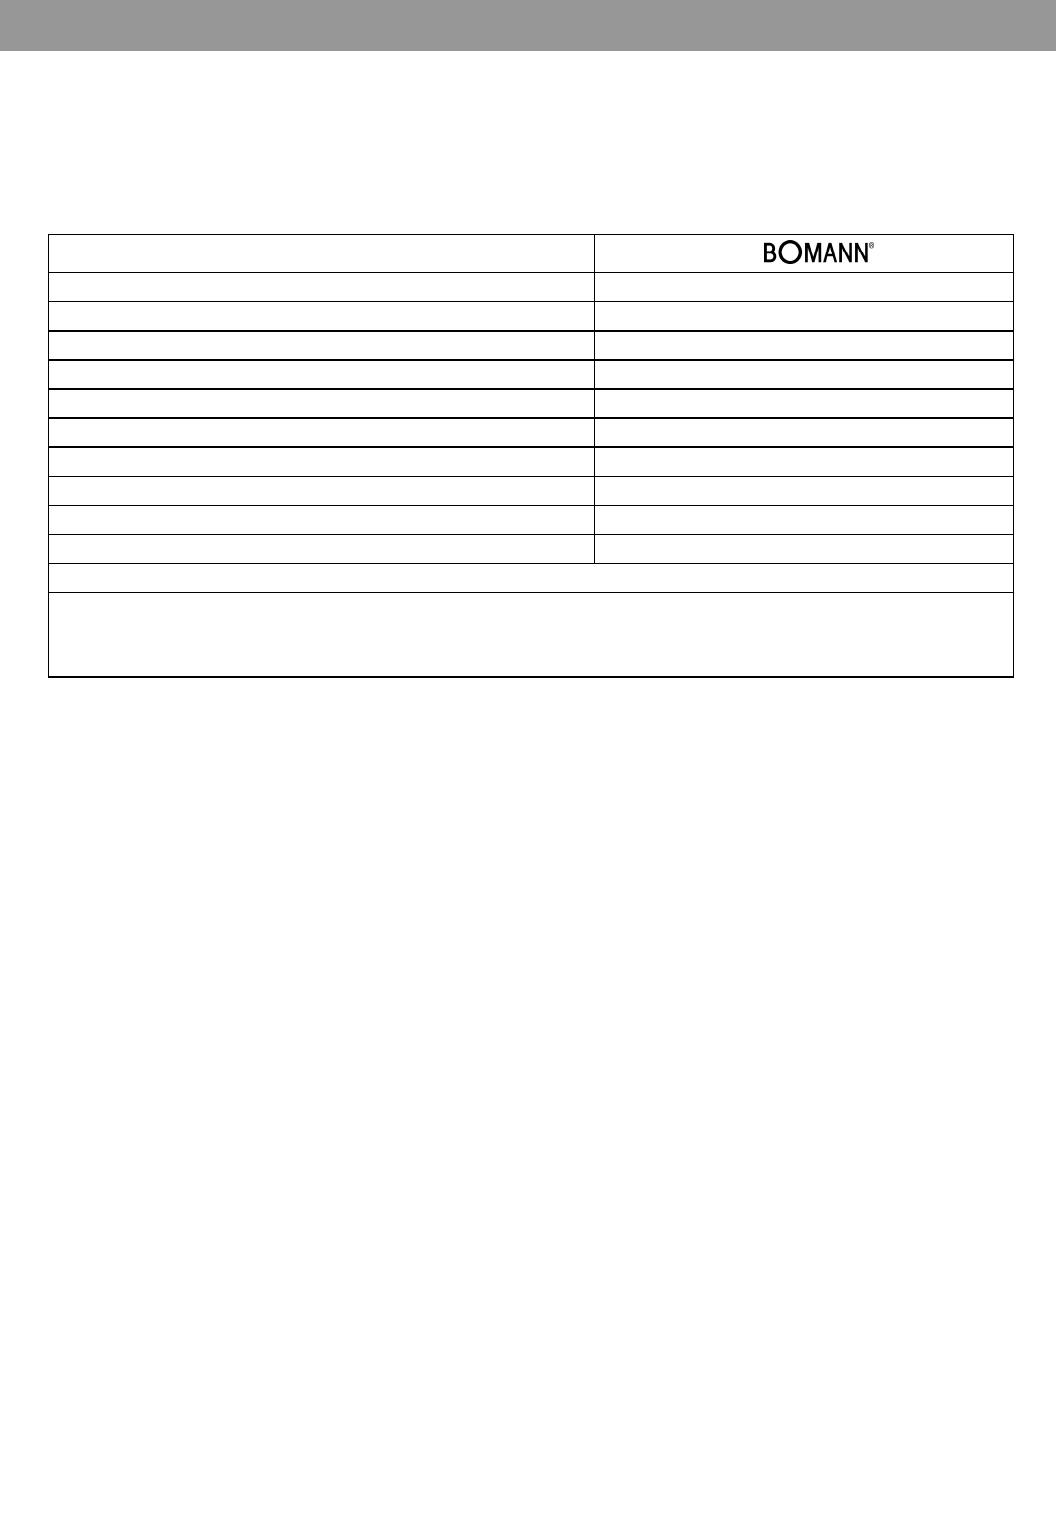 Bedienungsanleitung Bomann KG 272 (Seite 15 von 24) (Deutsch, Englisch)